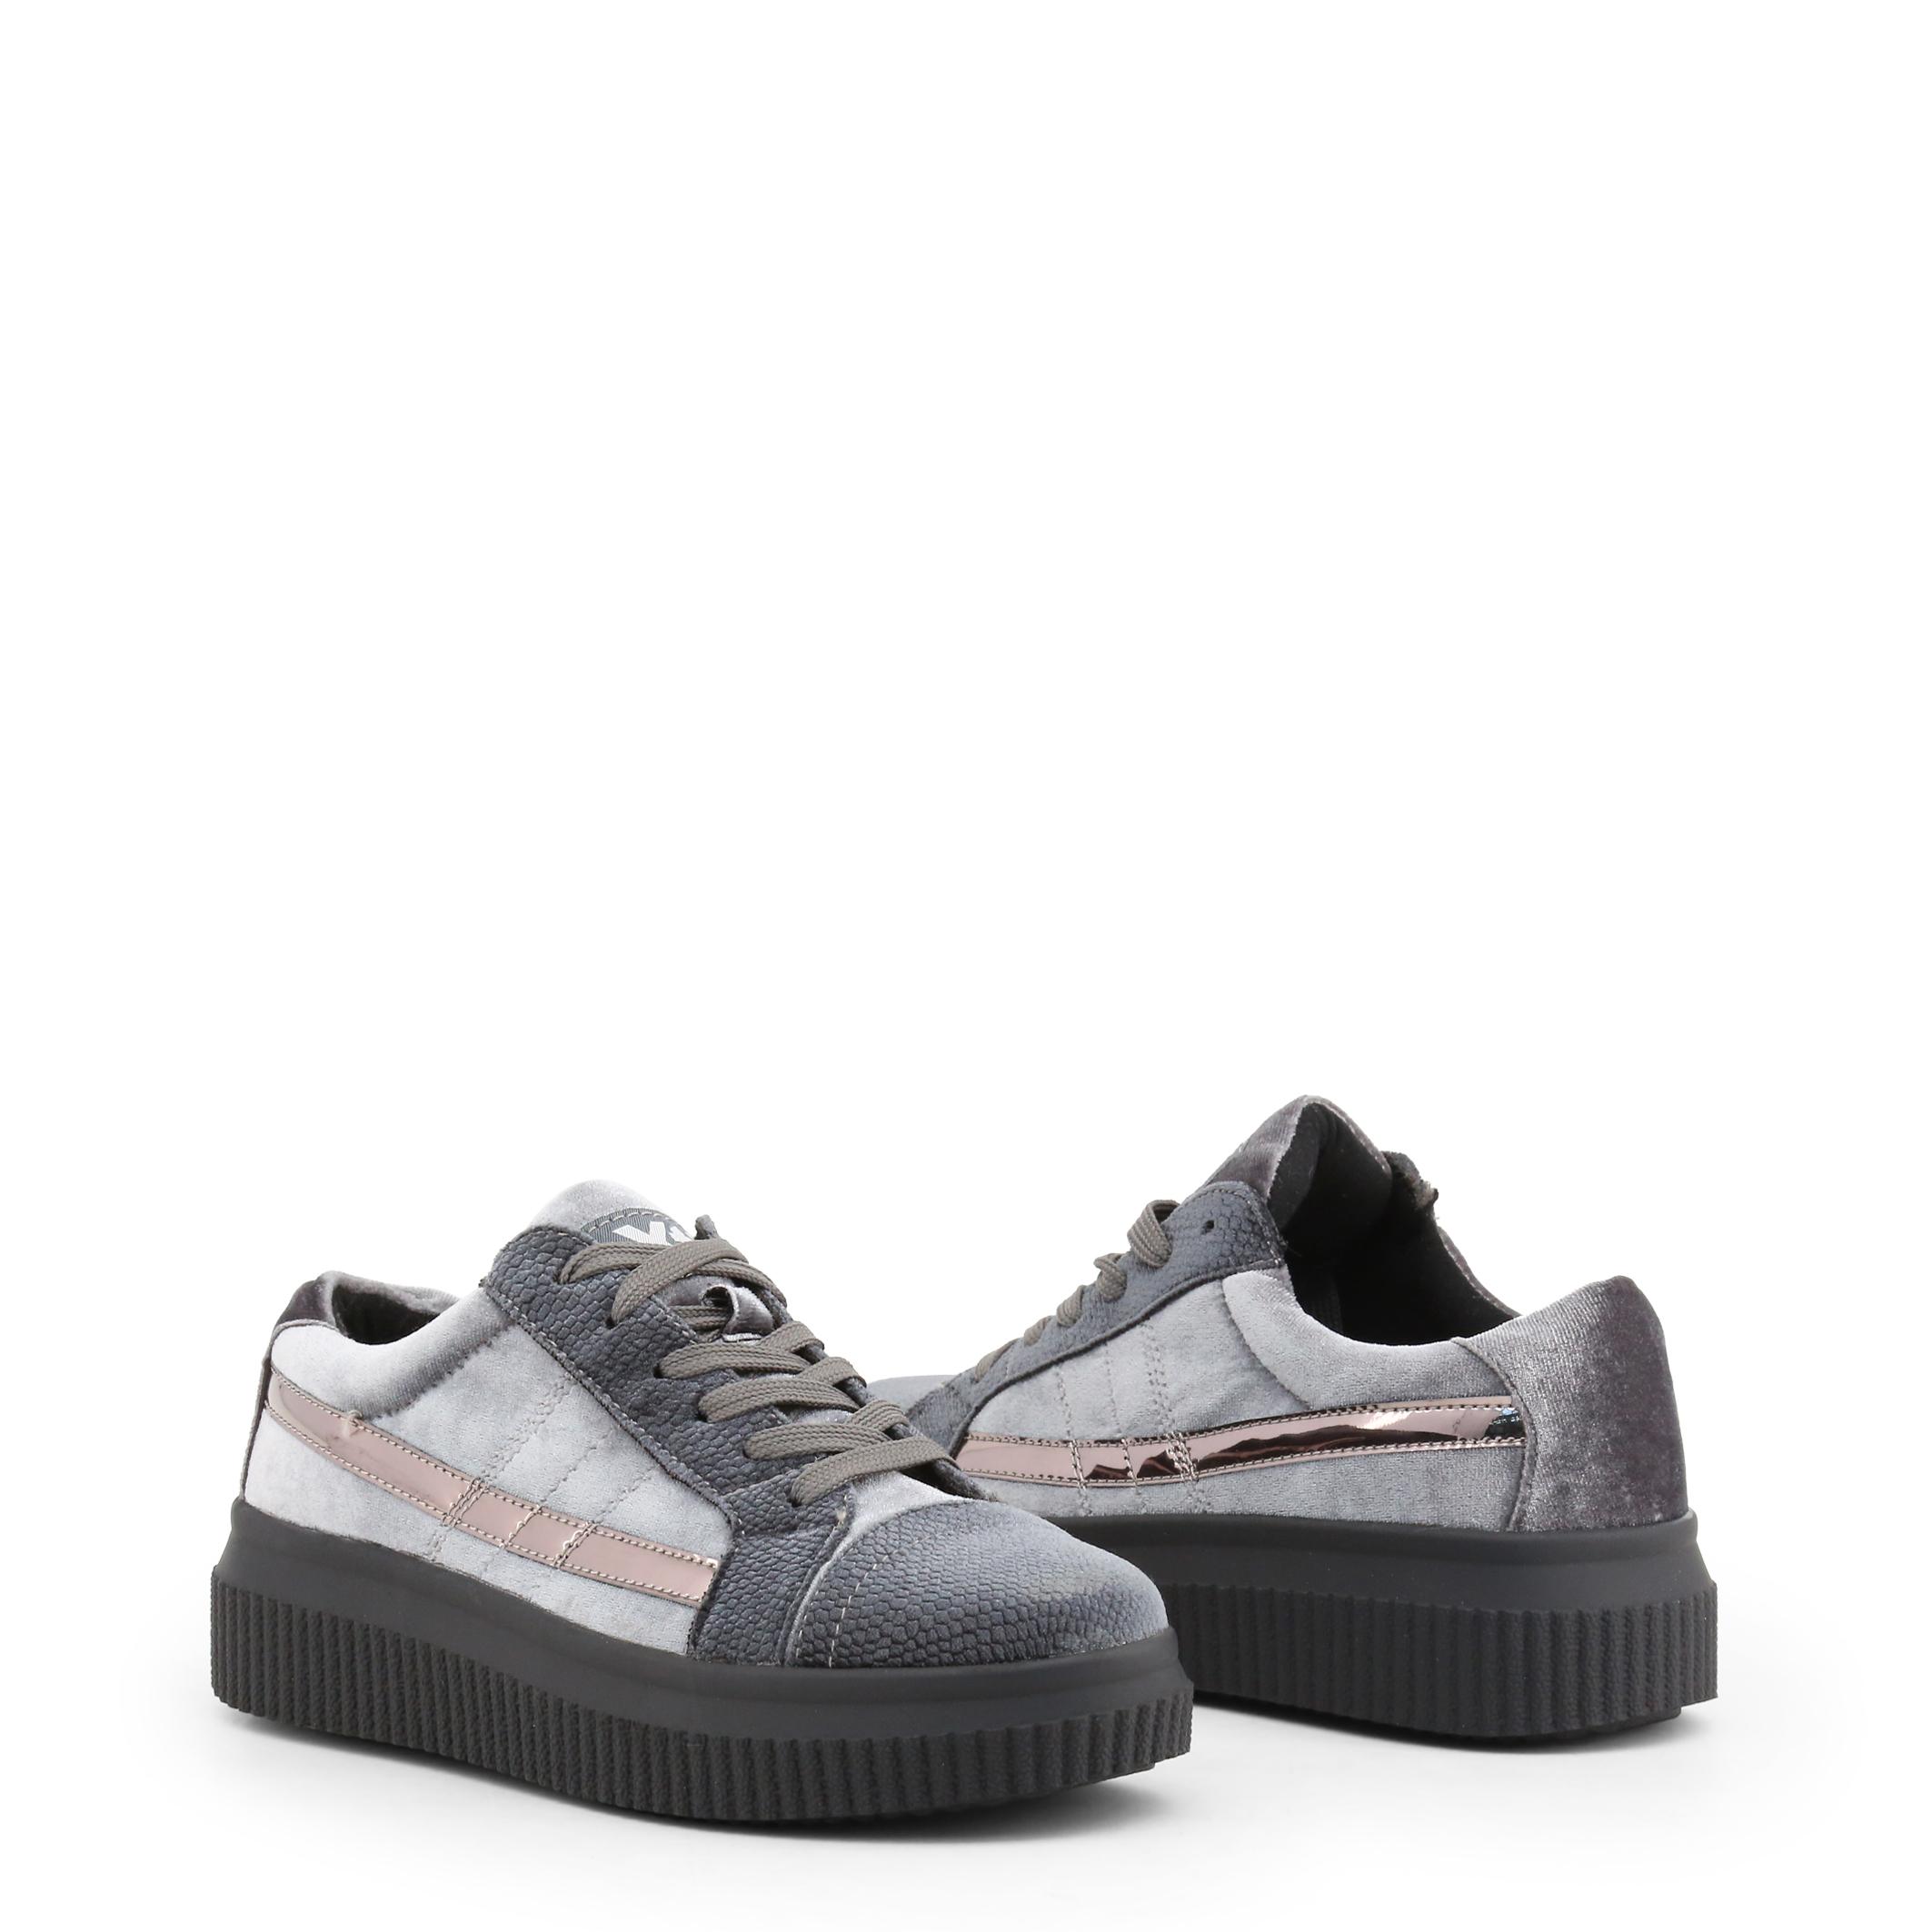 Xti Schuhe Turnschuhe 47537 Damen Sneakers Blau Grau Violett